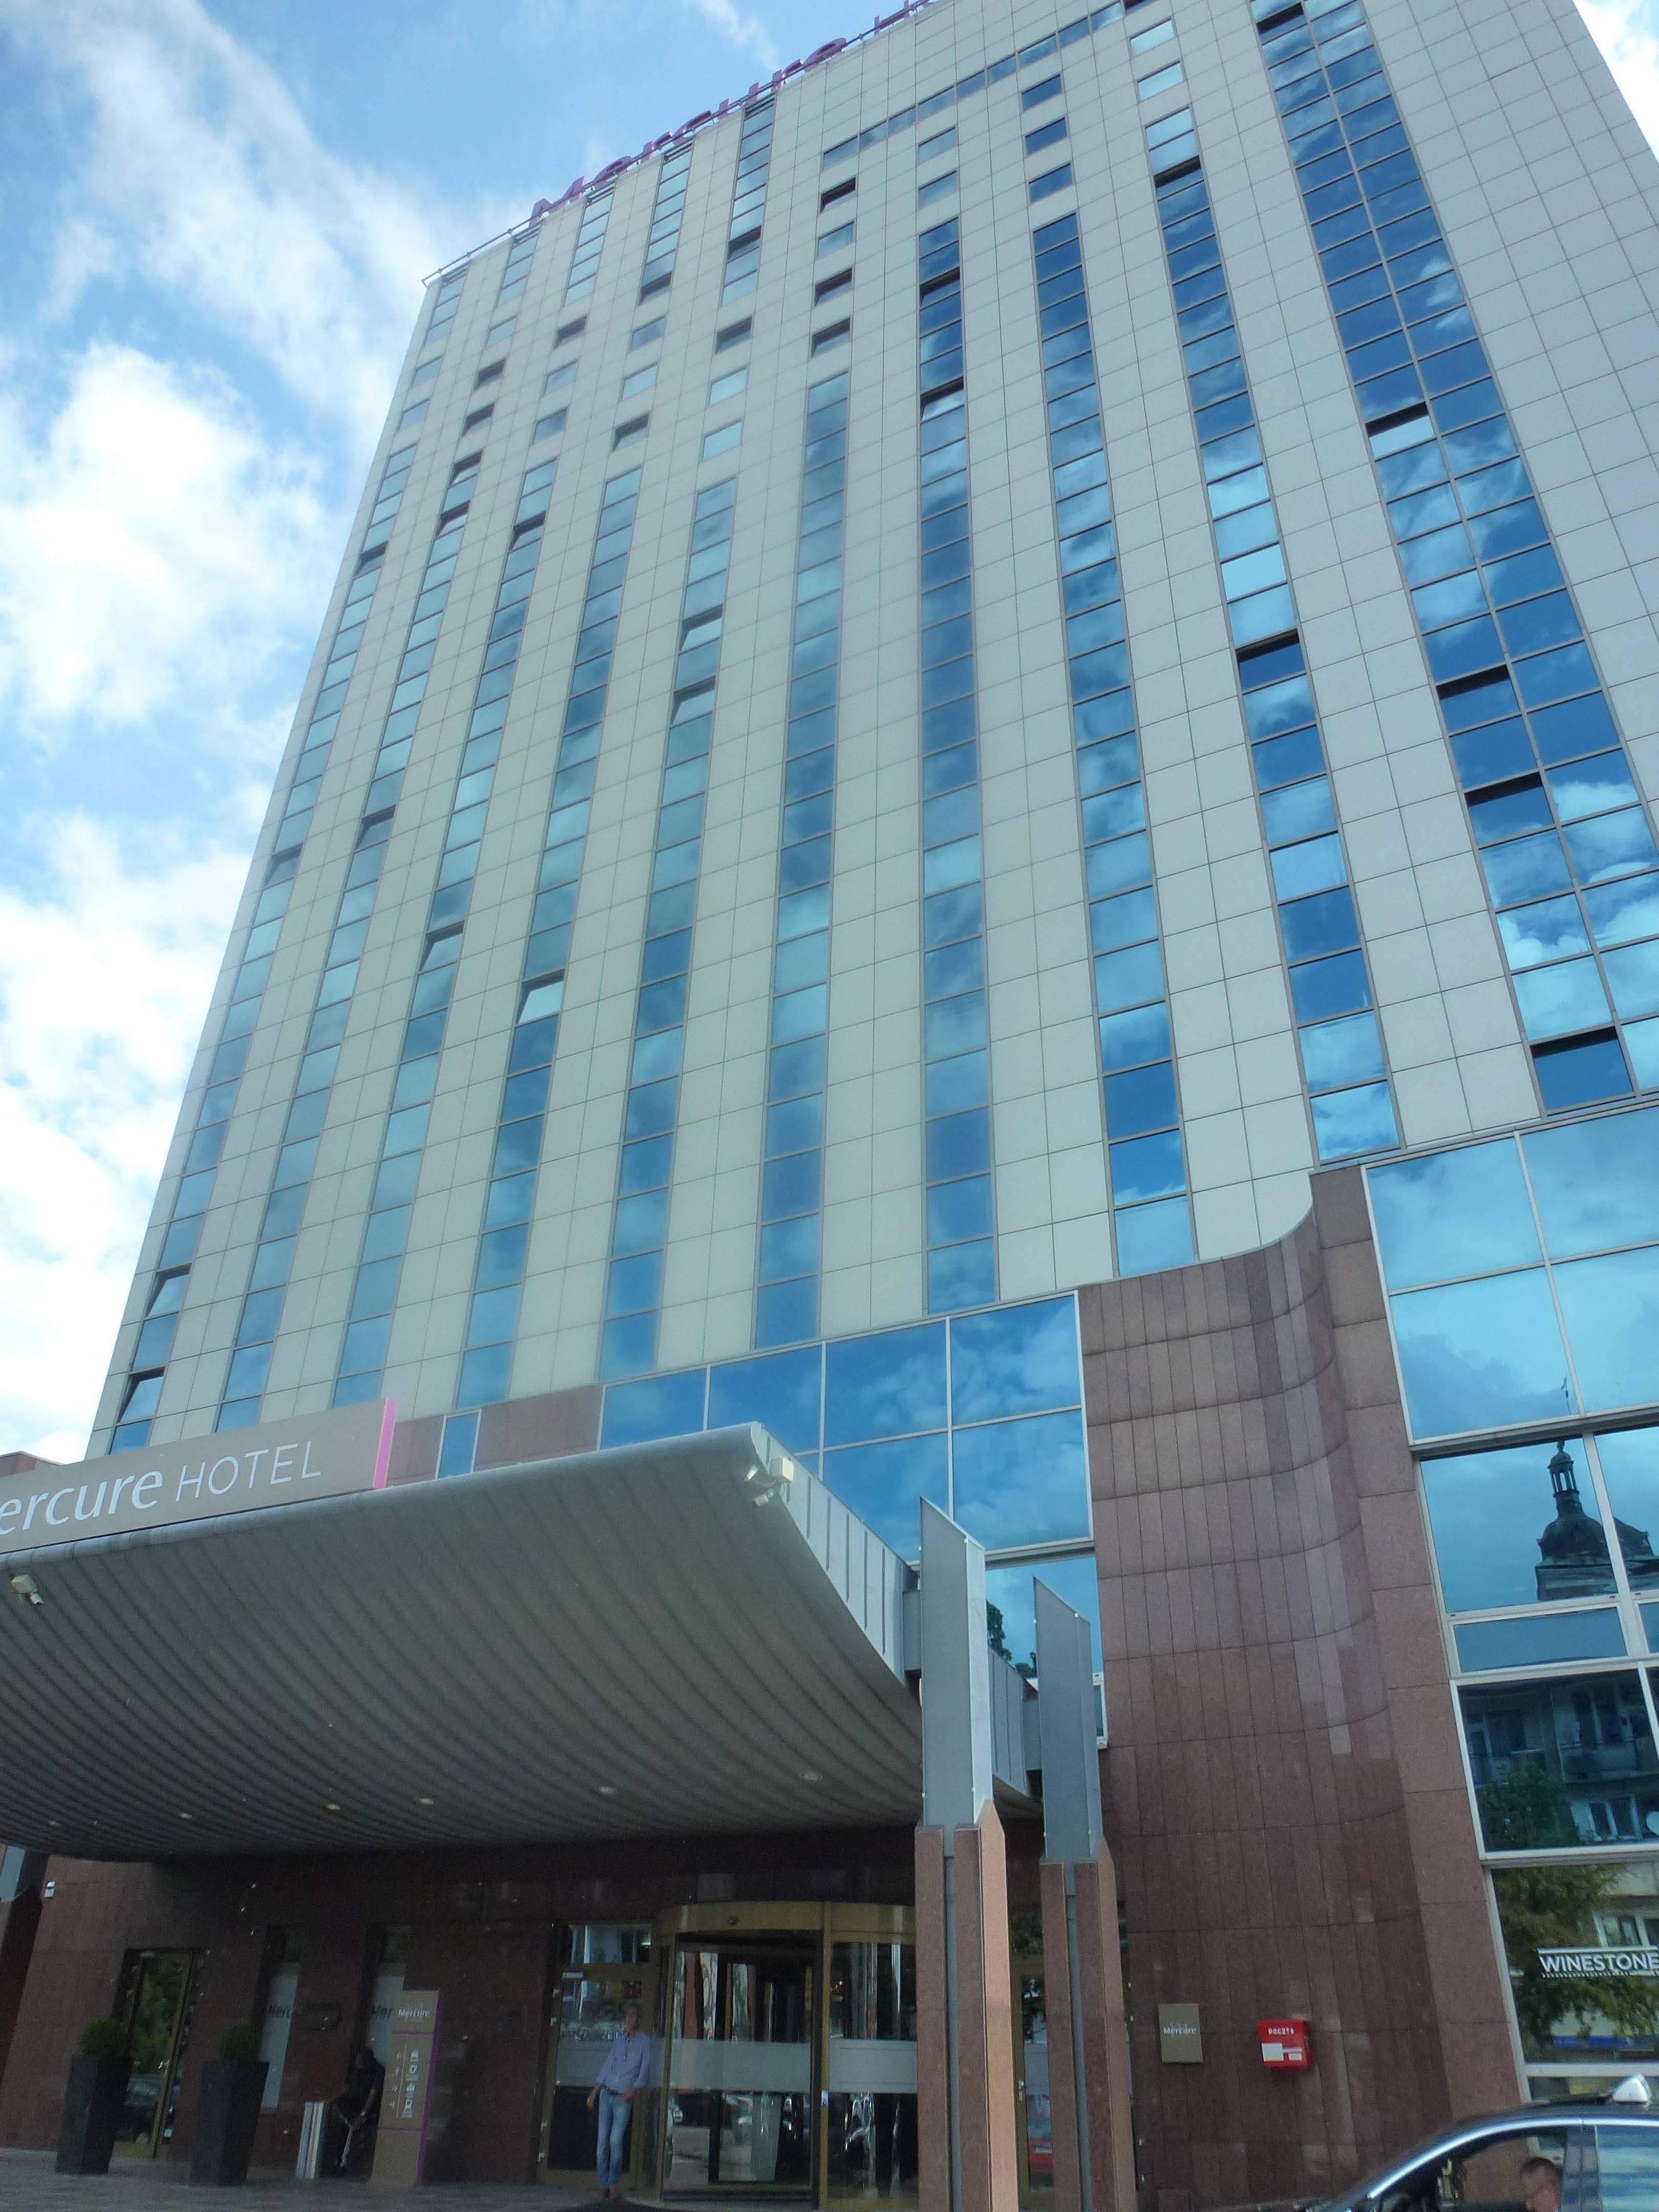 Danzig Hotel Mercure Stare Miasto